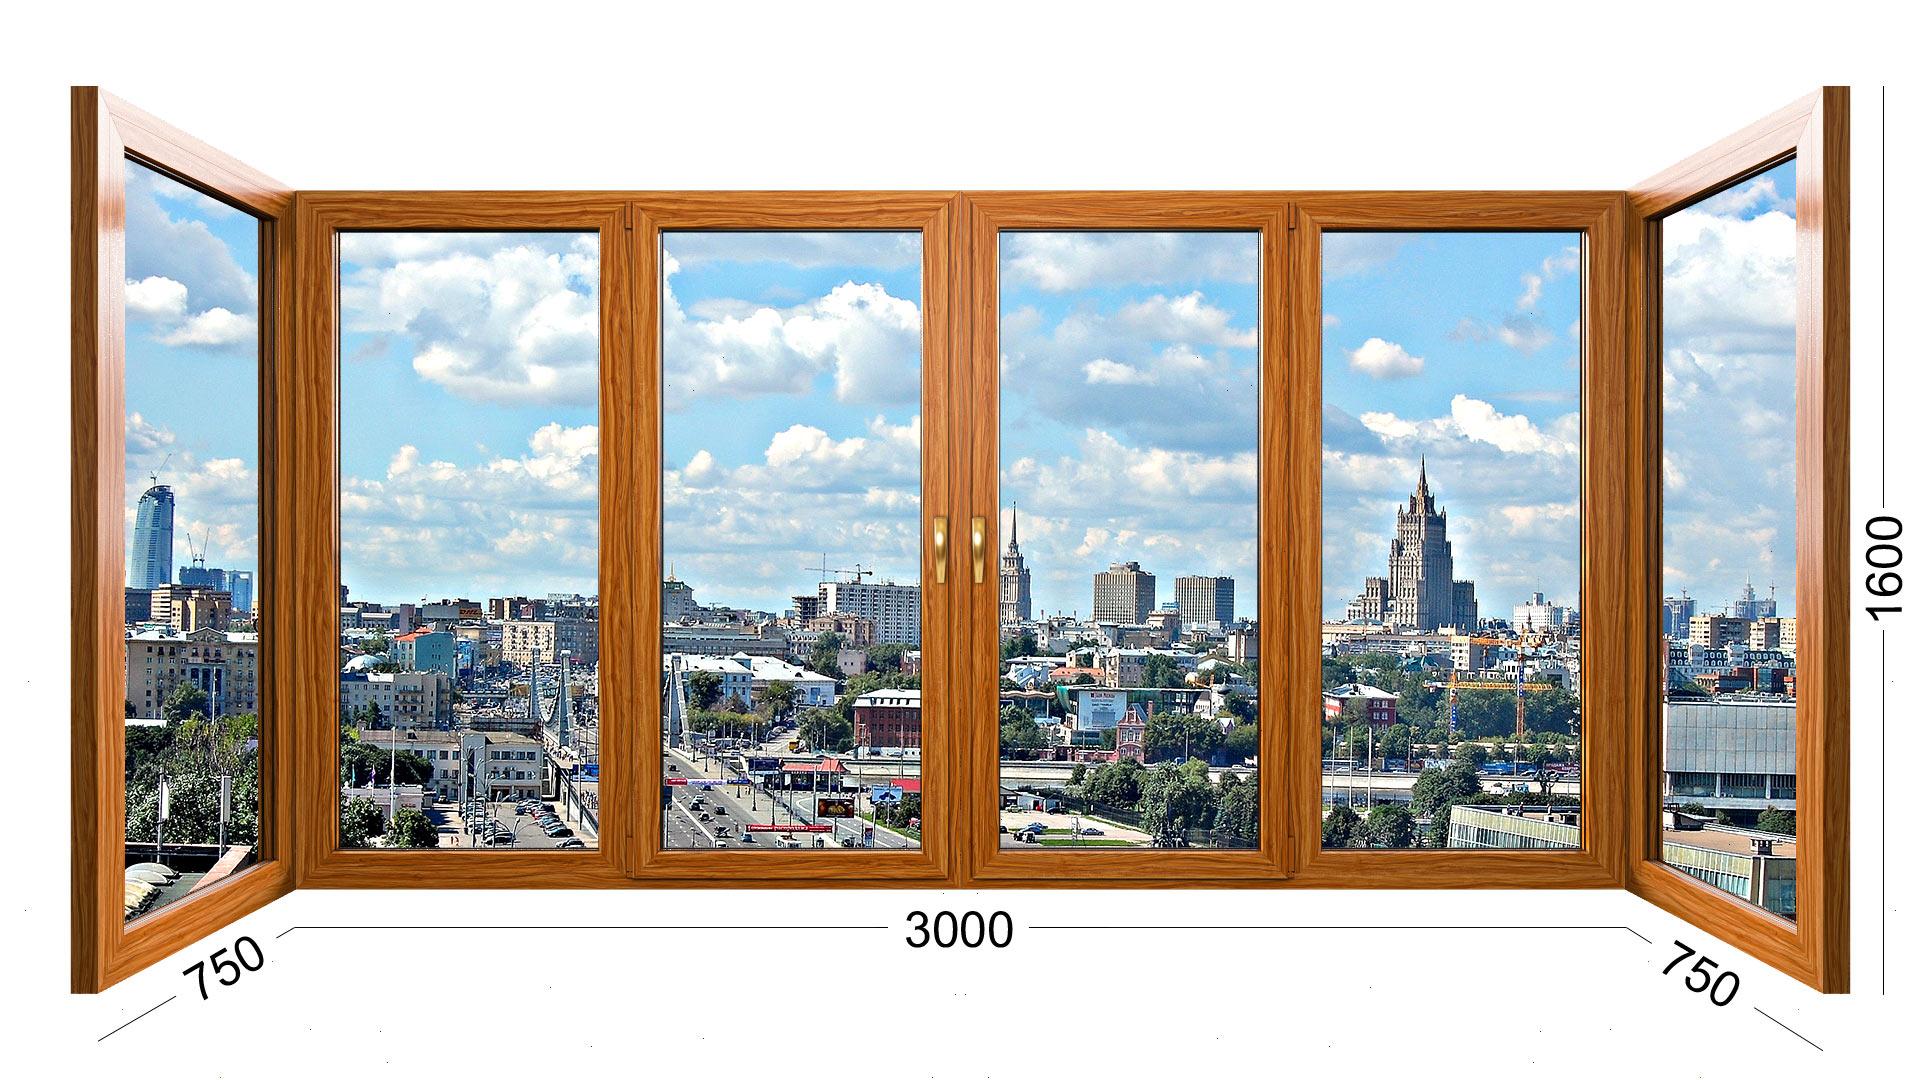 Деревянное окно для Хрущевки старой. дом серии Хрущевки в Москве. окна.